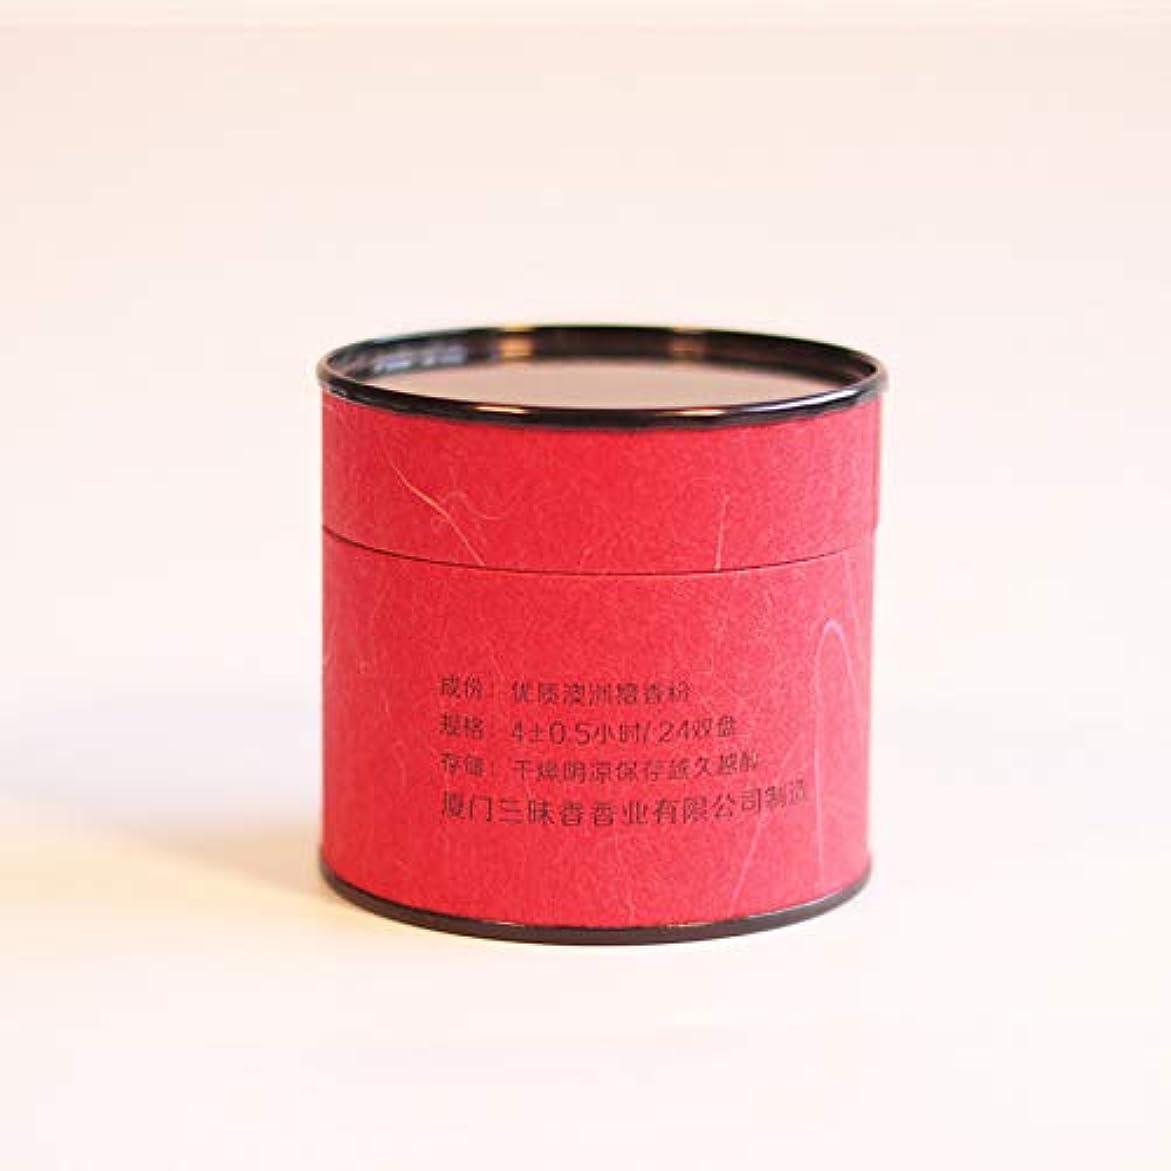 咲くオリエントクライマックスDiatems - インドネシアの純心沈香香オーストラリア香り白檀香リング香コイル4時間[サンダル]